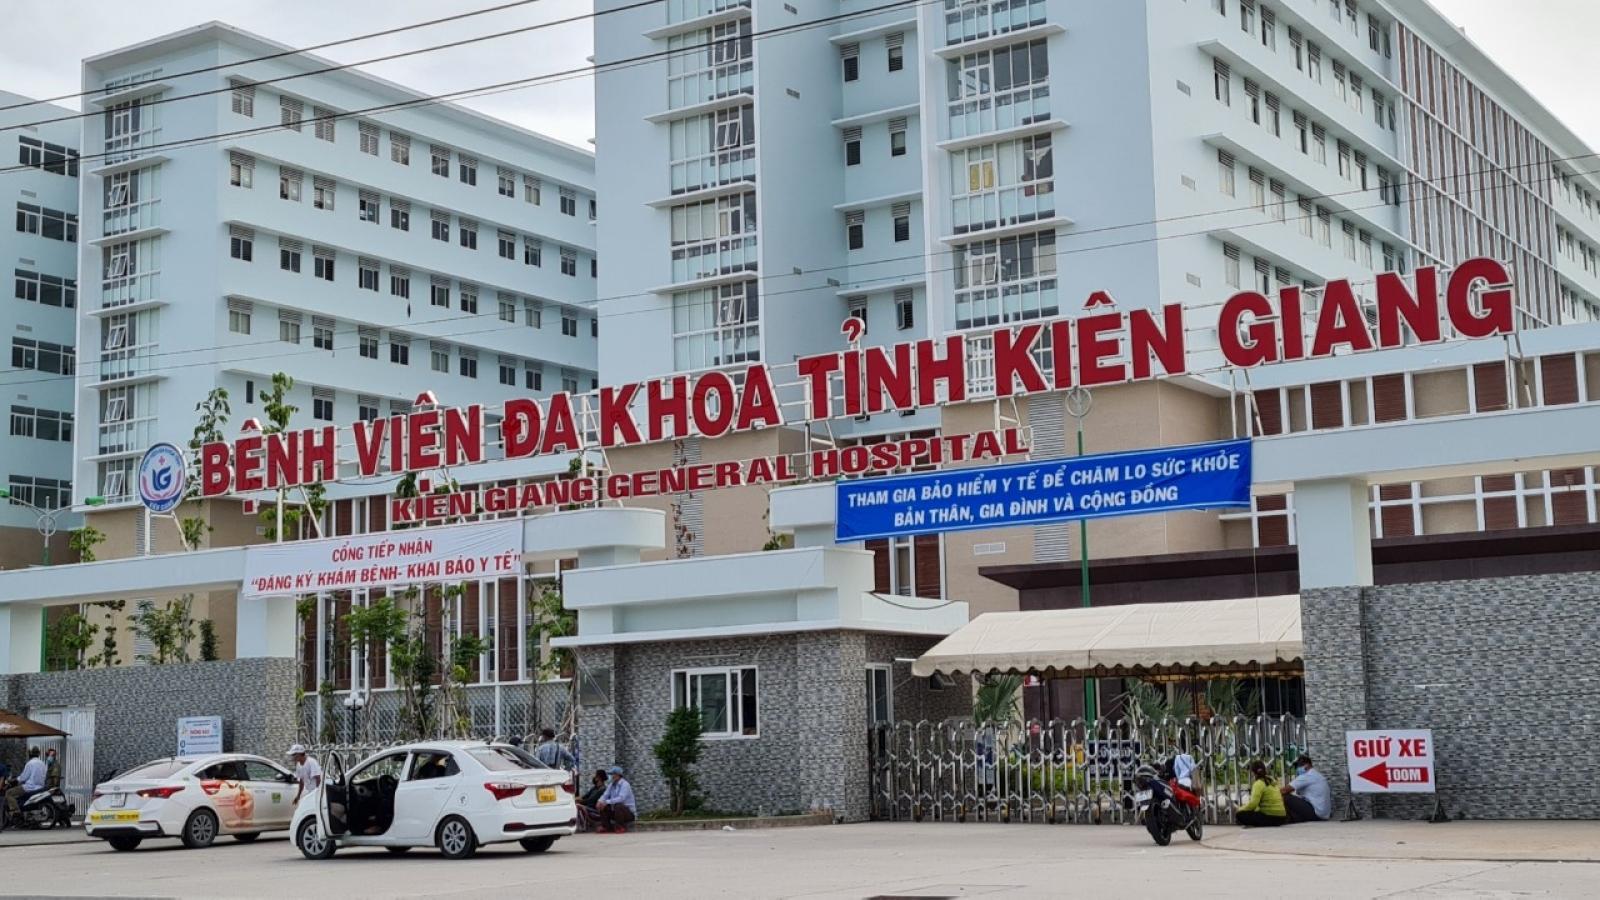 Dỡ bỏ lệnh phong toả Bệnh viên đa khoa tỉnh Kiên Giang